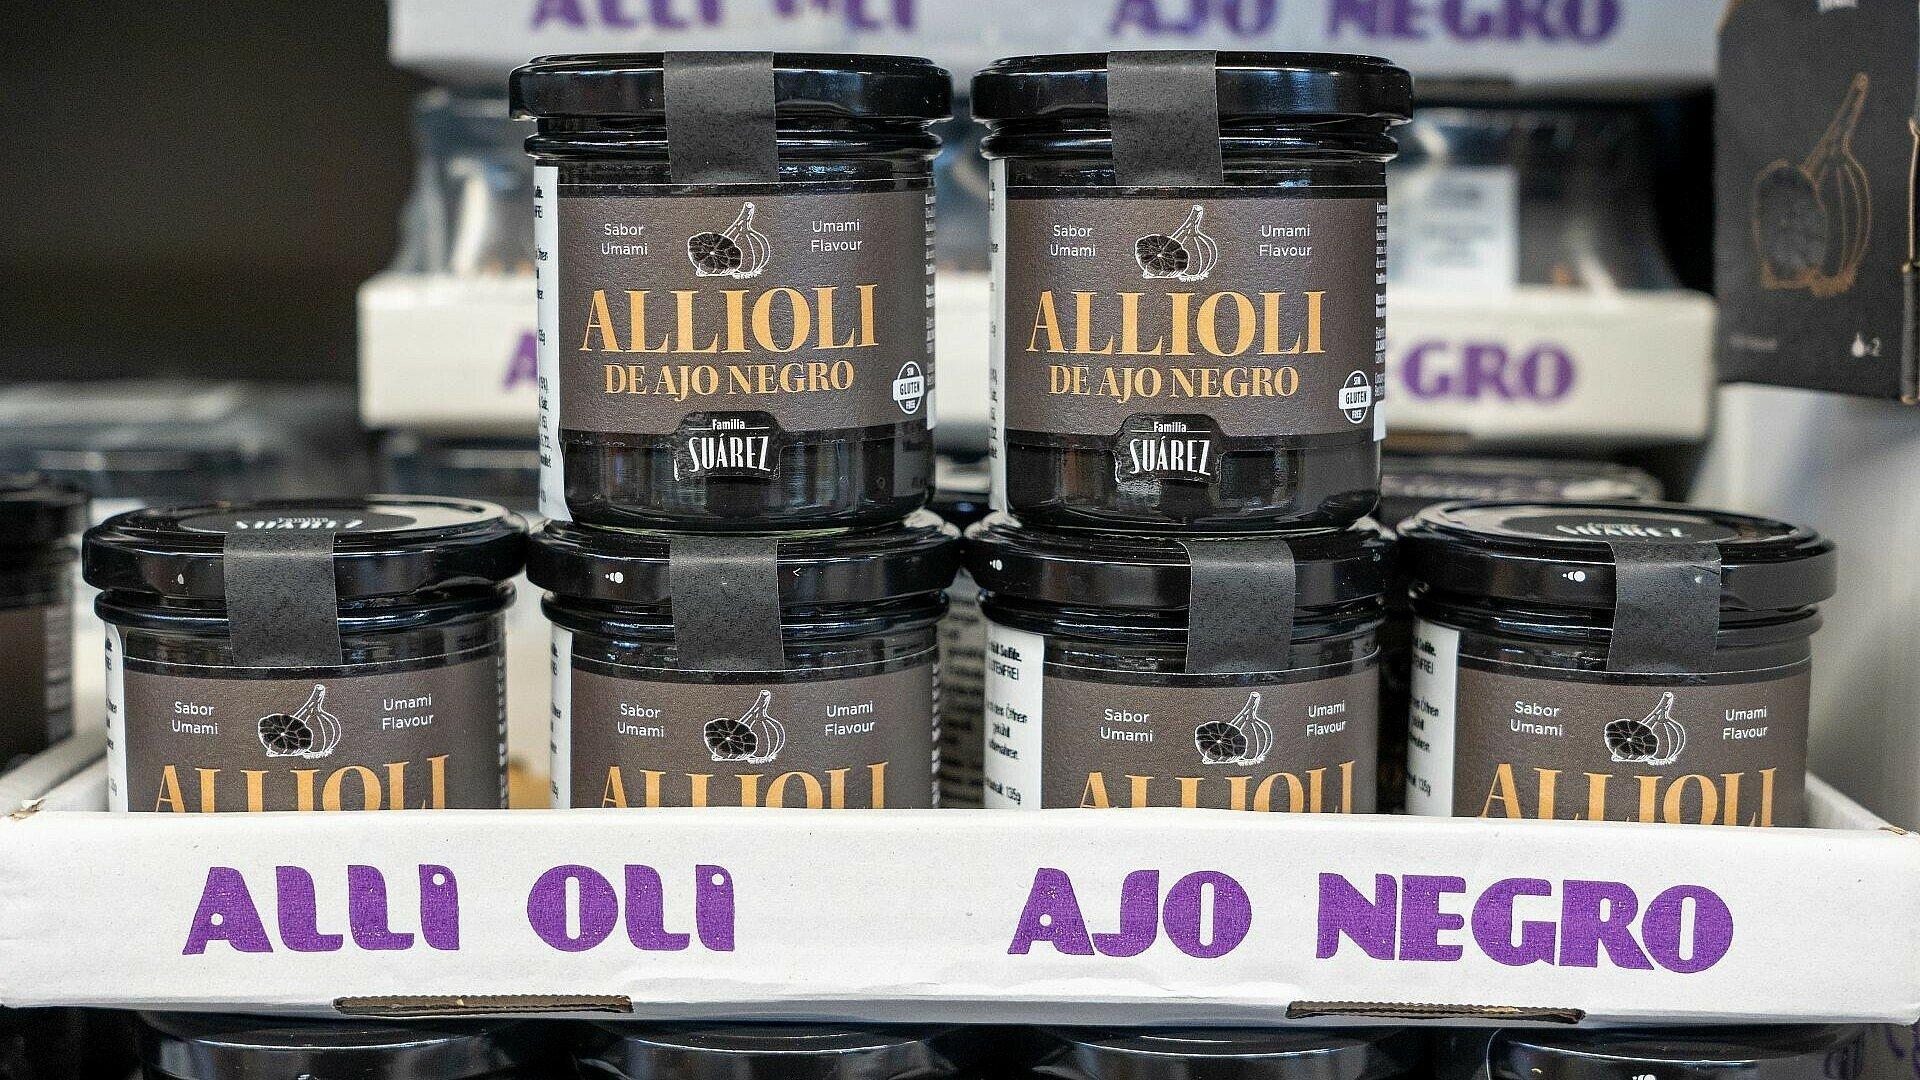 Gläser mit Allioli ajo negro im spanischen Supermarkt Solera in Bickendorf